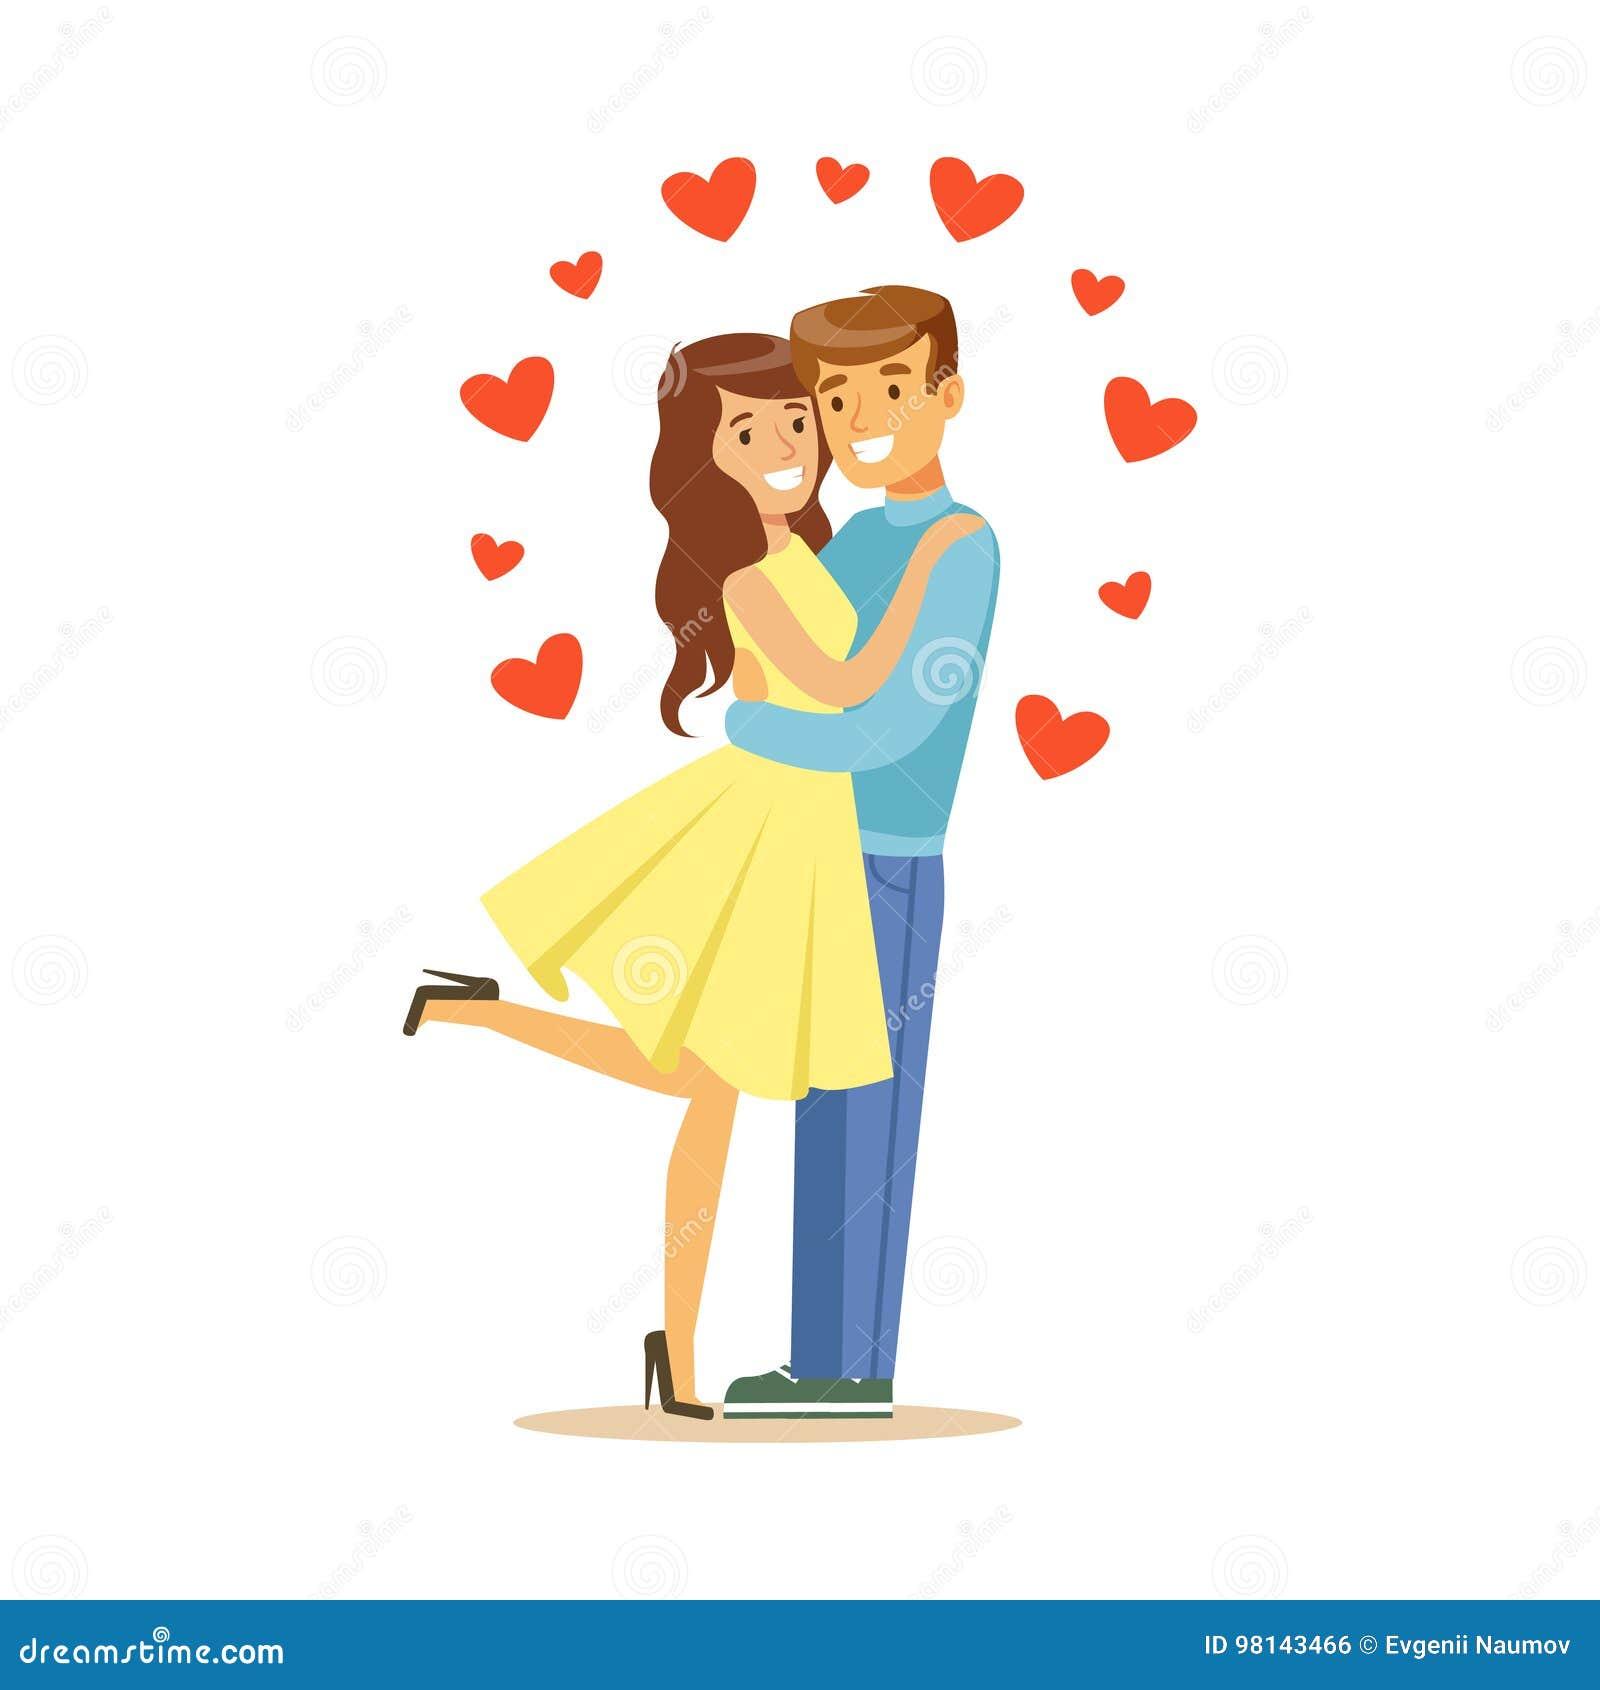 Förälskade lyckliga par, man och kvinna som omfamnar sig, för teckenvektor för romantiskt datum färgrik illustration